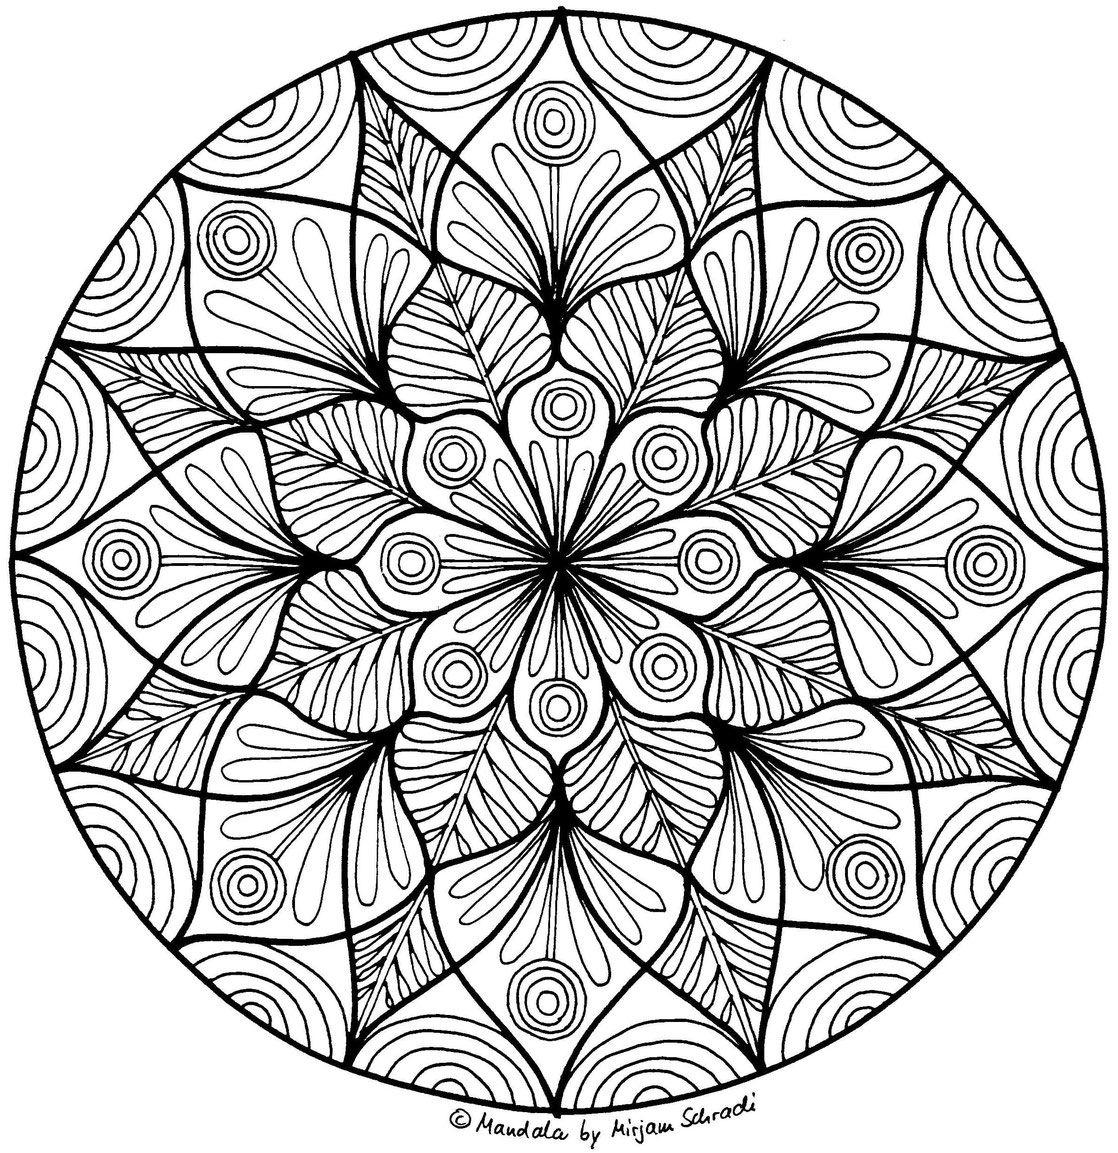 Pin Auf Mandalas Zum Ausdrucken Für Kinder + Erwachsene innen Mandala Ausmalbilder